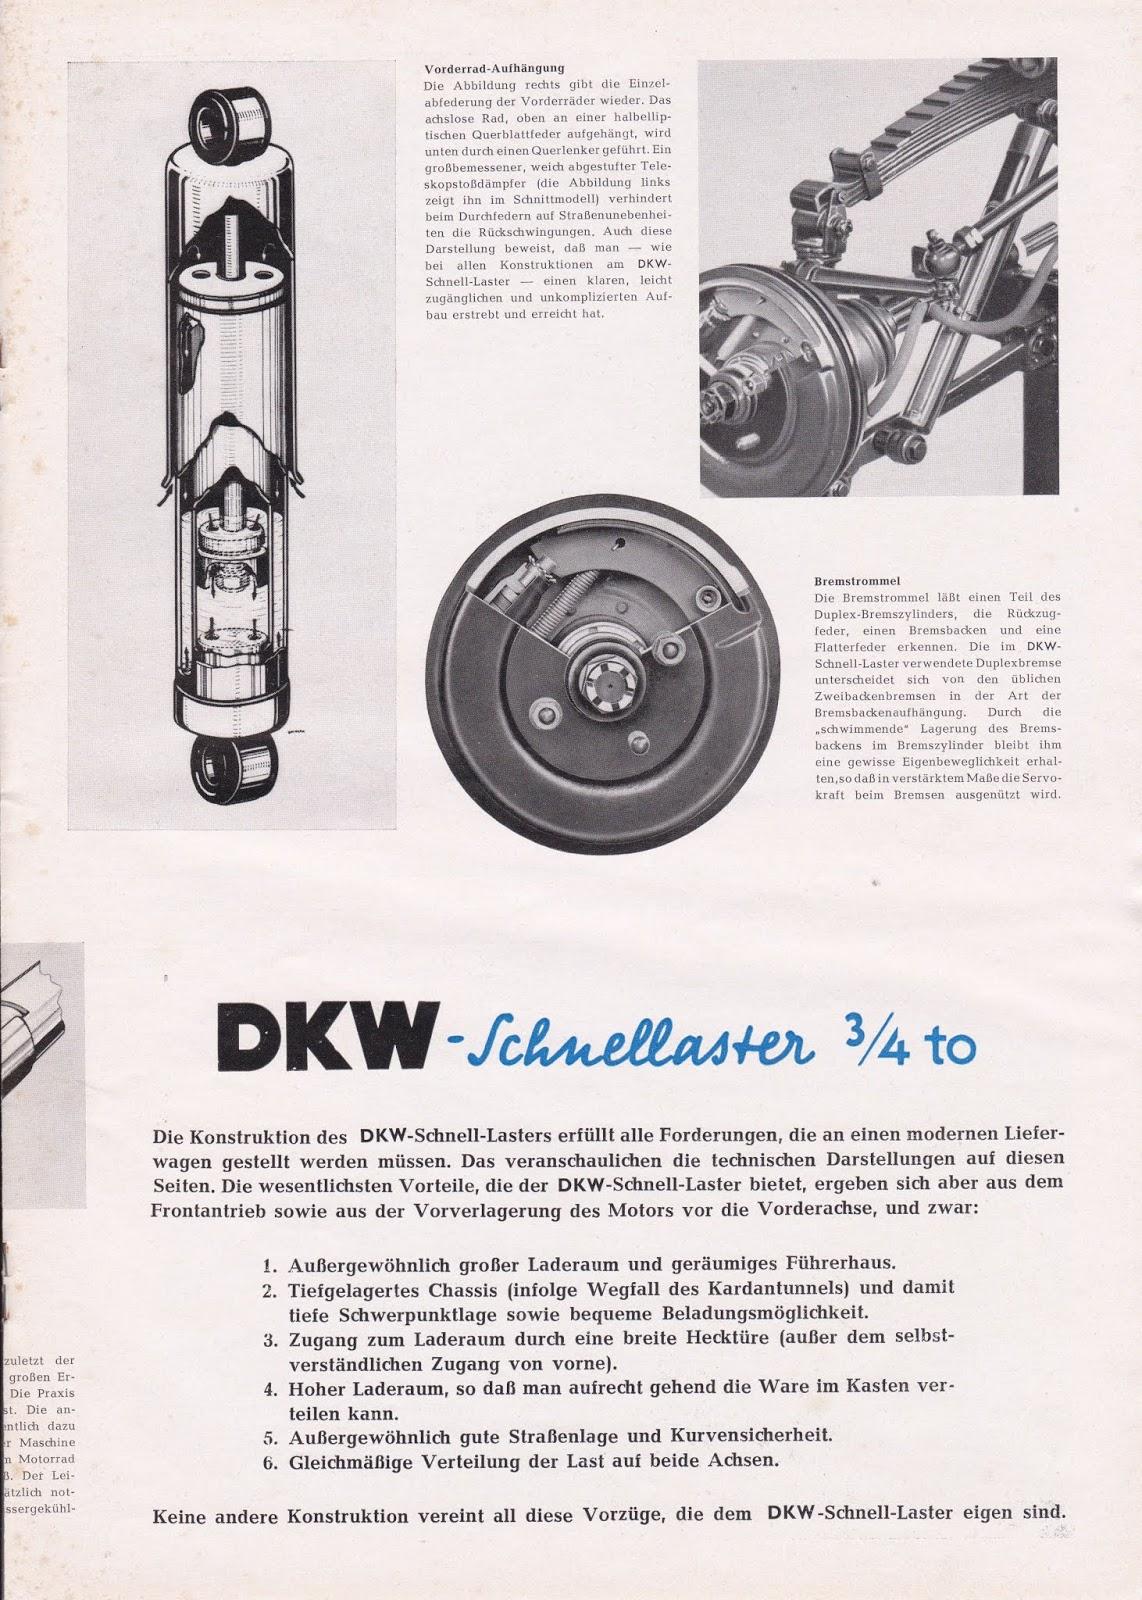 Dkw Auto Union Project 1951 Dkw Nachrichten Vol 10